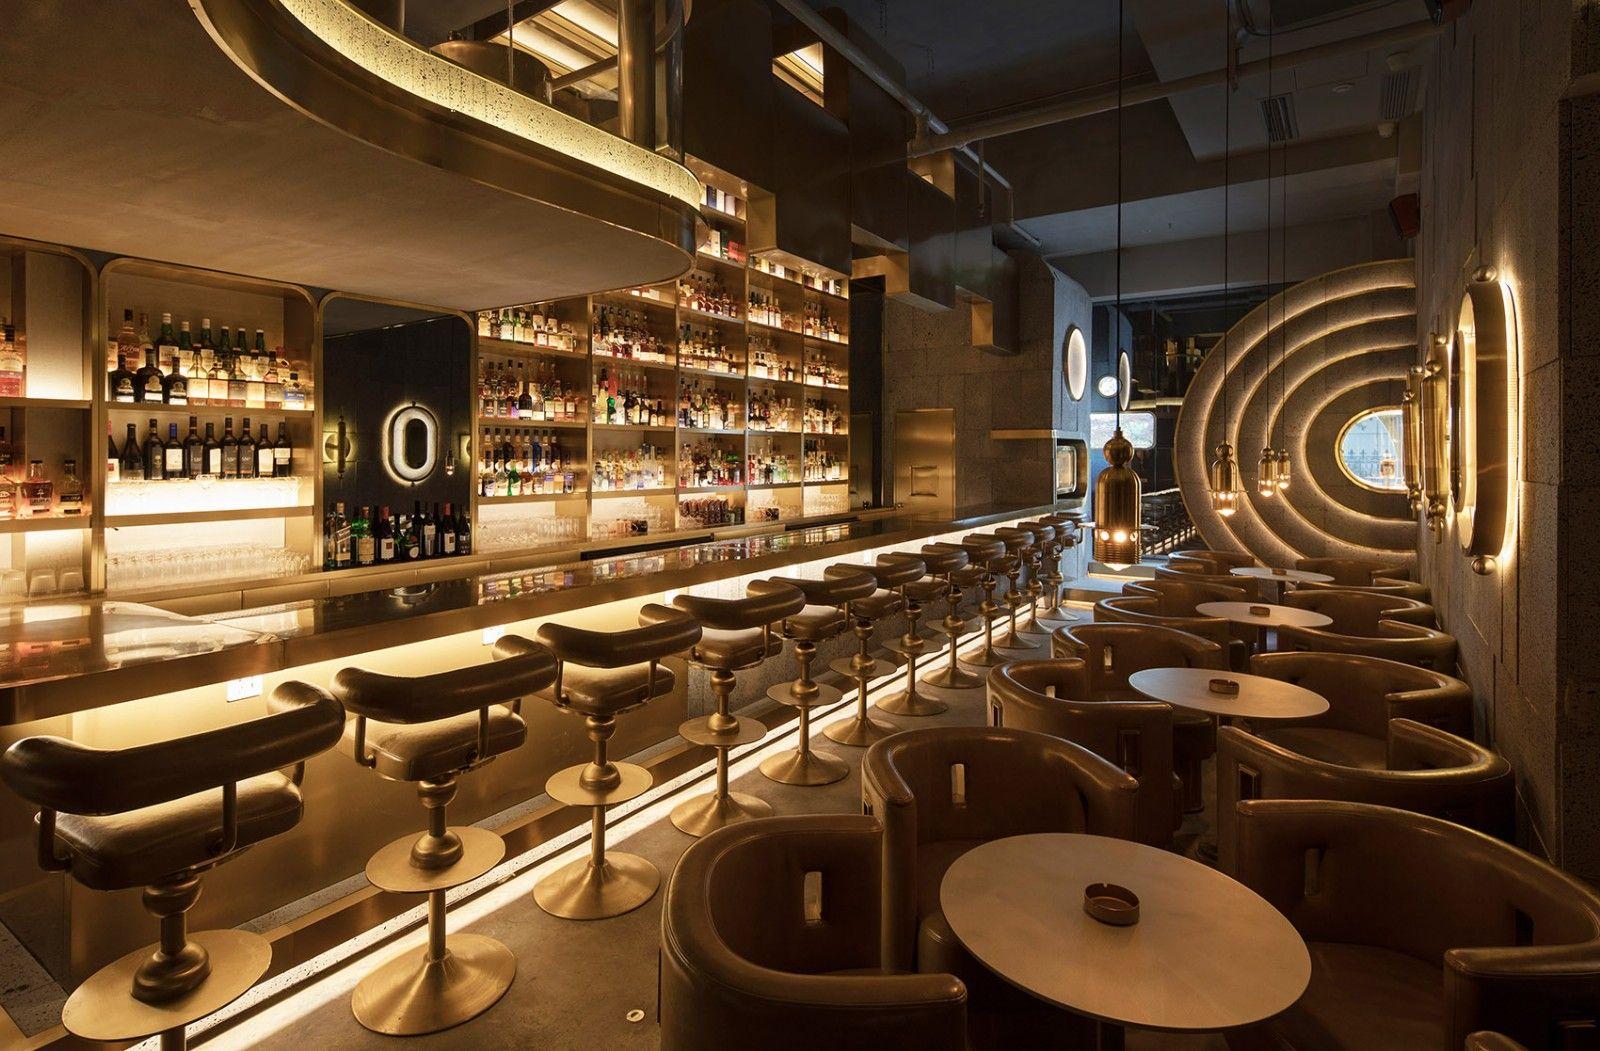 原始的安全感与金库容器,杭州炼金术酒吧 | 皮爱吉设计